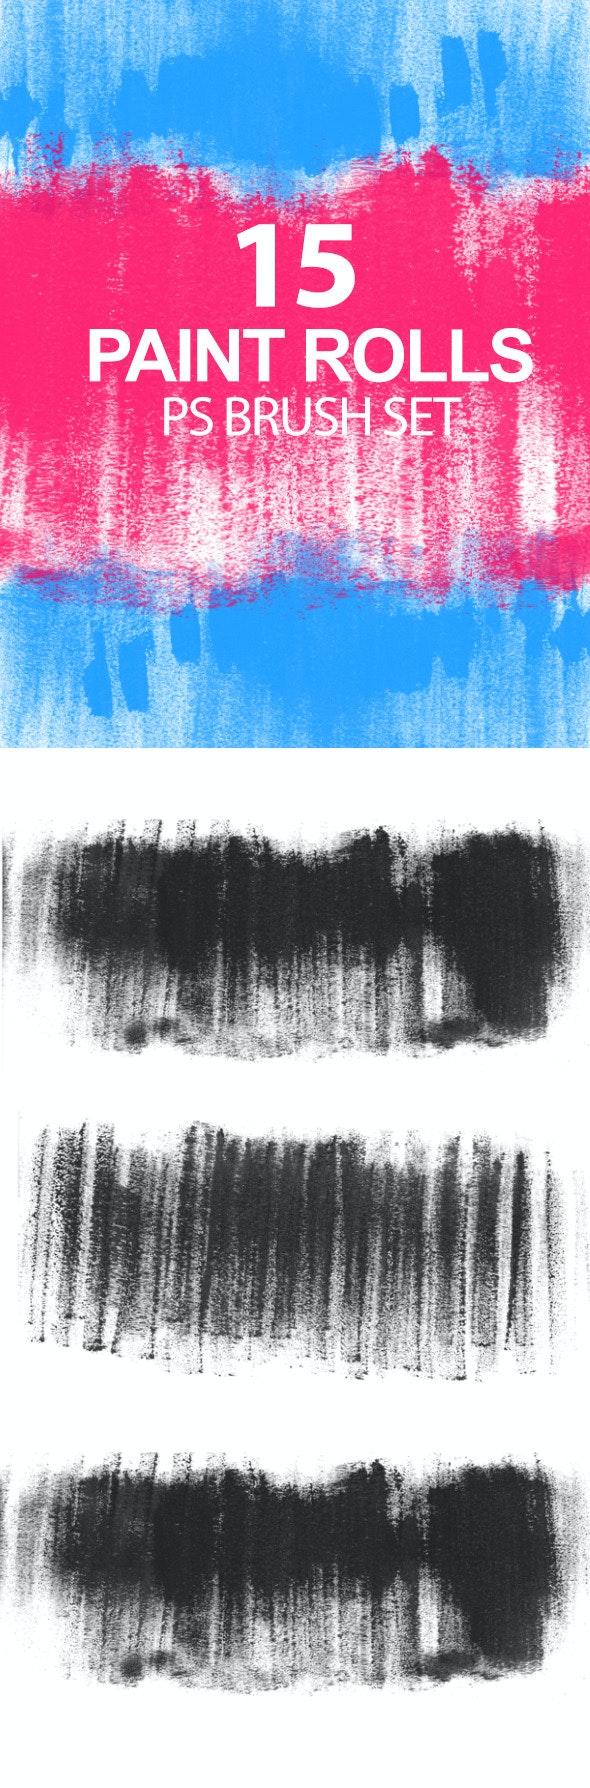 Paint Rolls Photoshop Brush Set  - Grunge Brushes